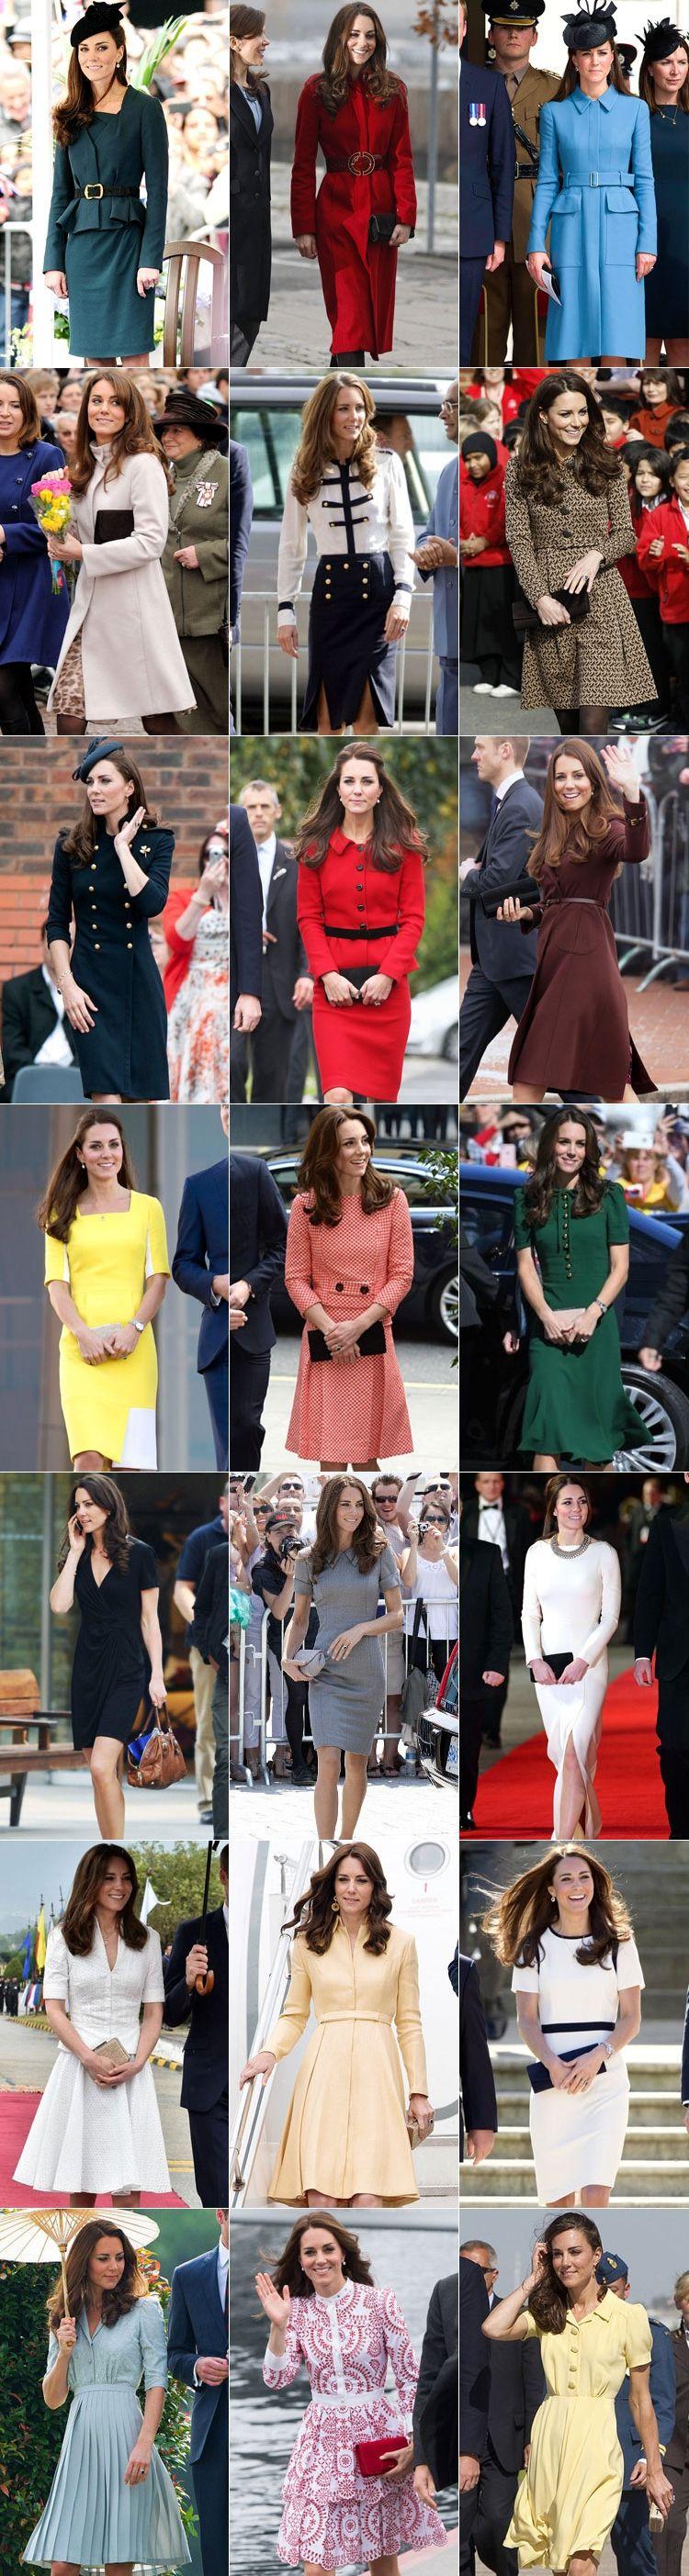 Кейт Мидлтон - английский стиль в одежде